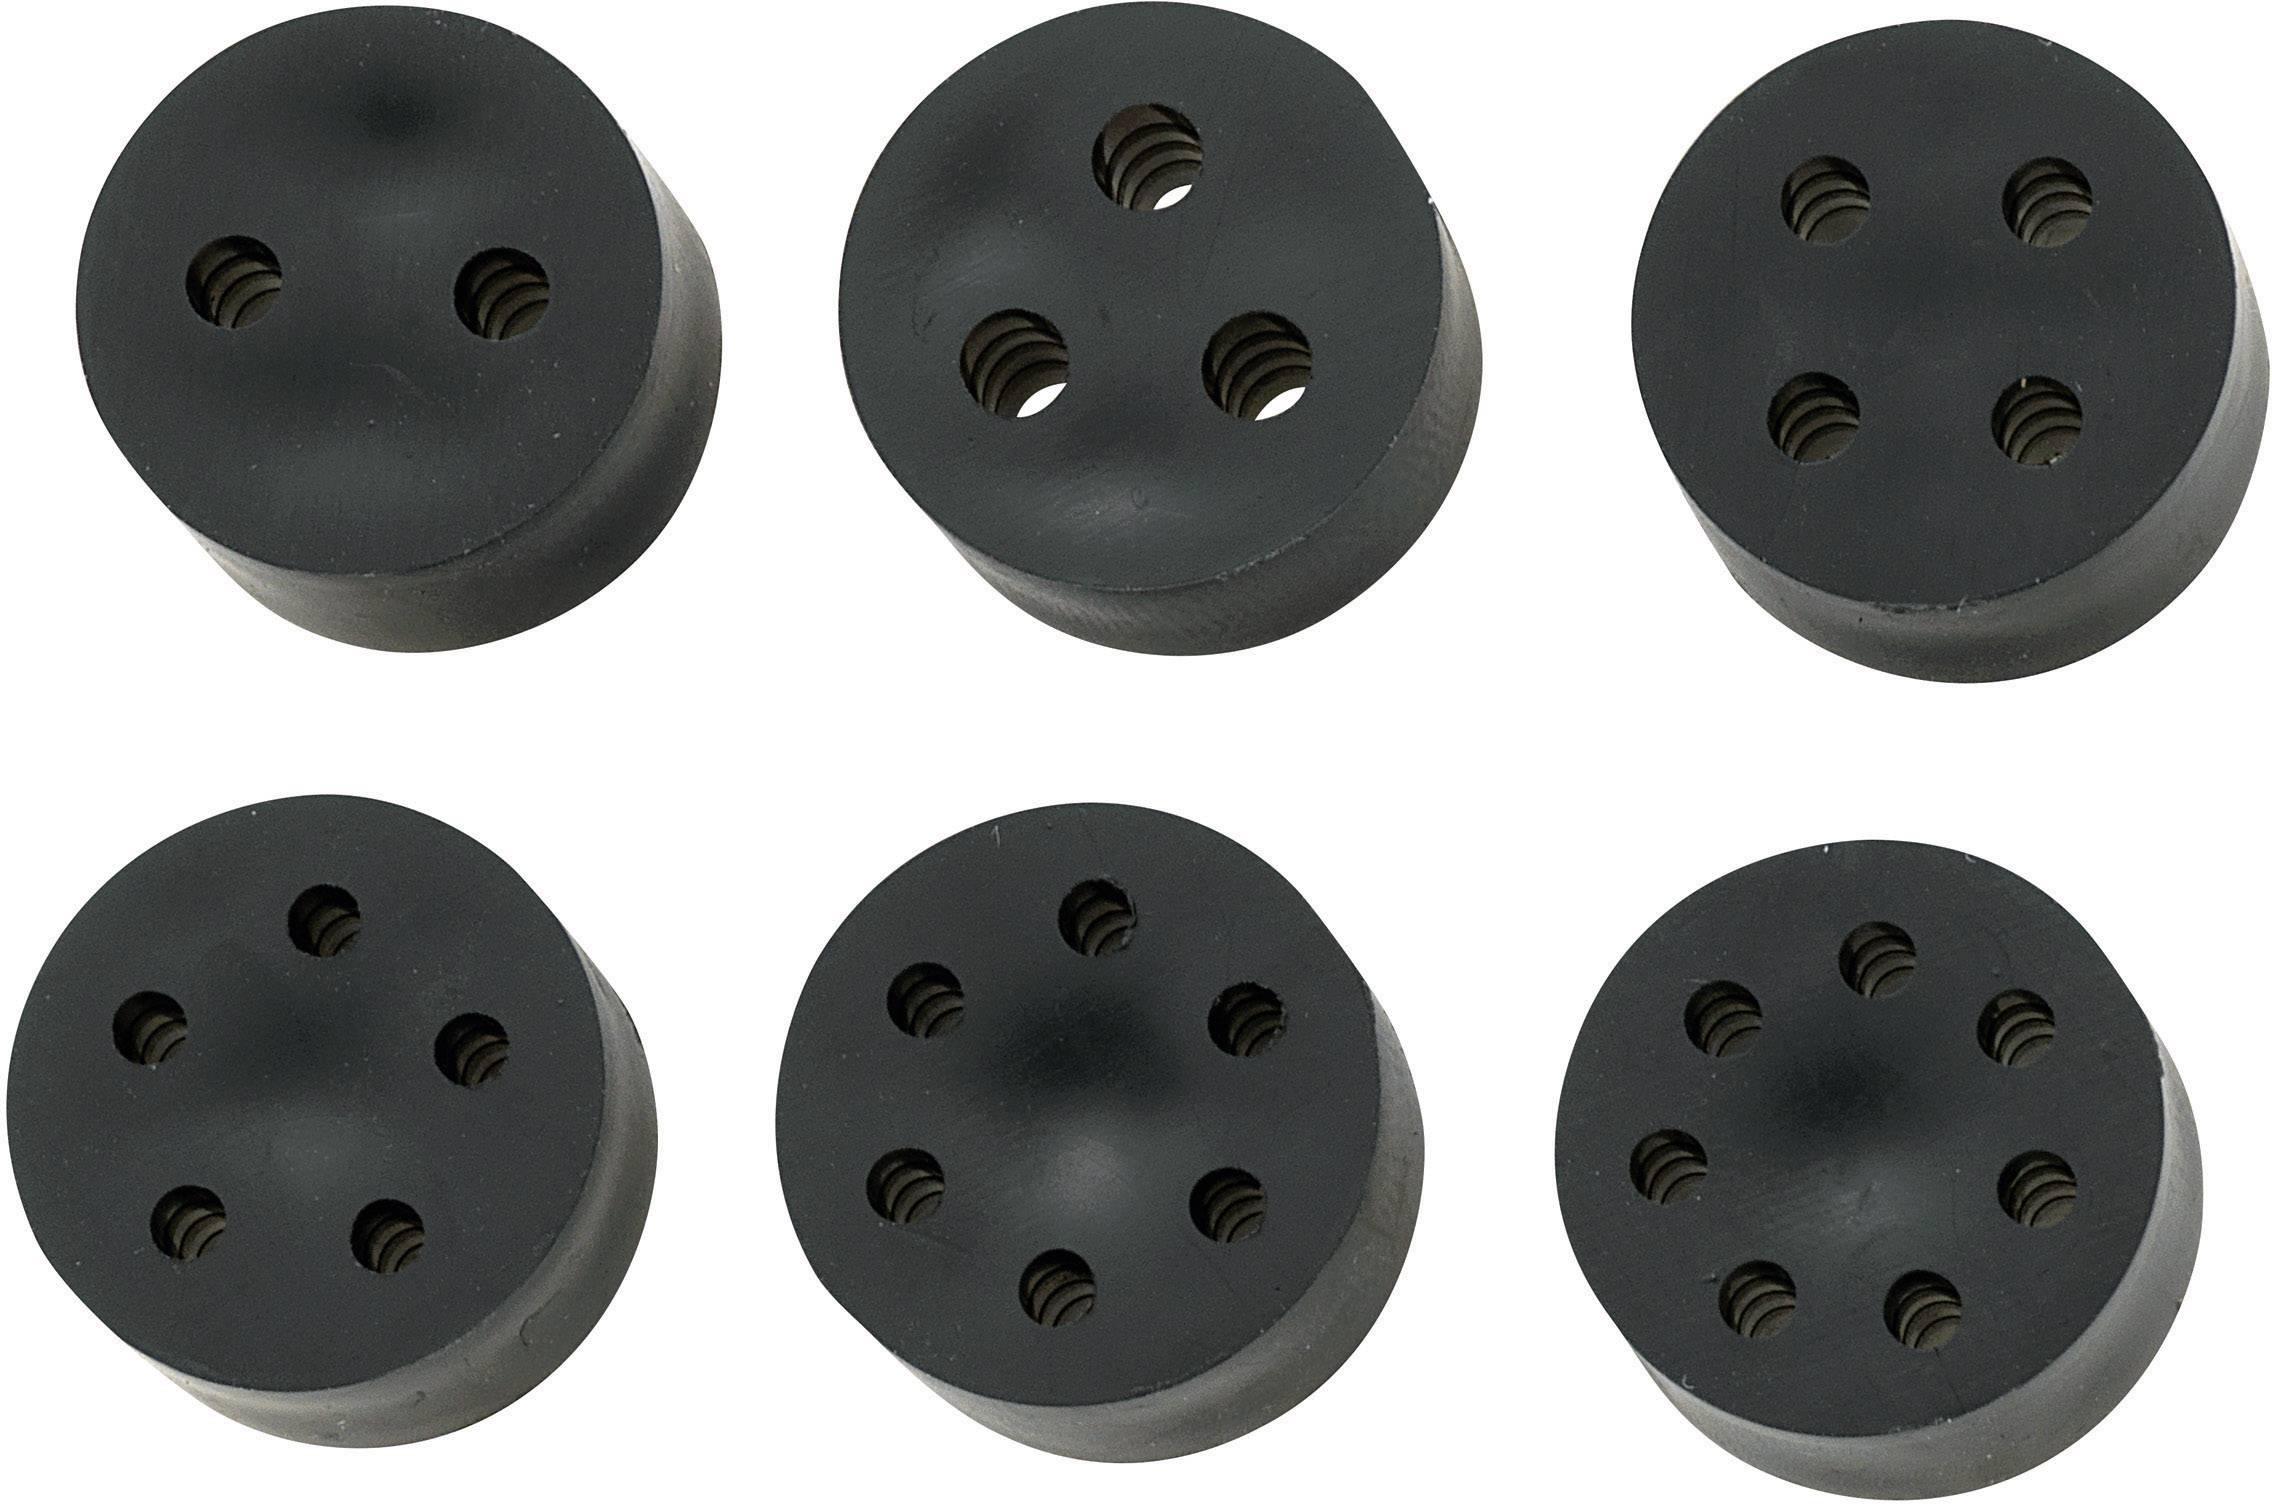 Těsnicí vložka M25 KSS AGRS256A (MH23-6A), IP68, M25, guma, černá